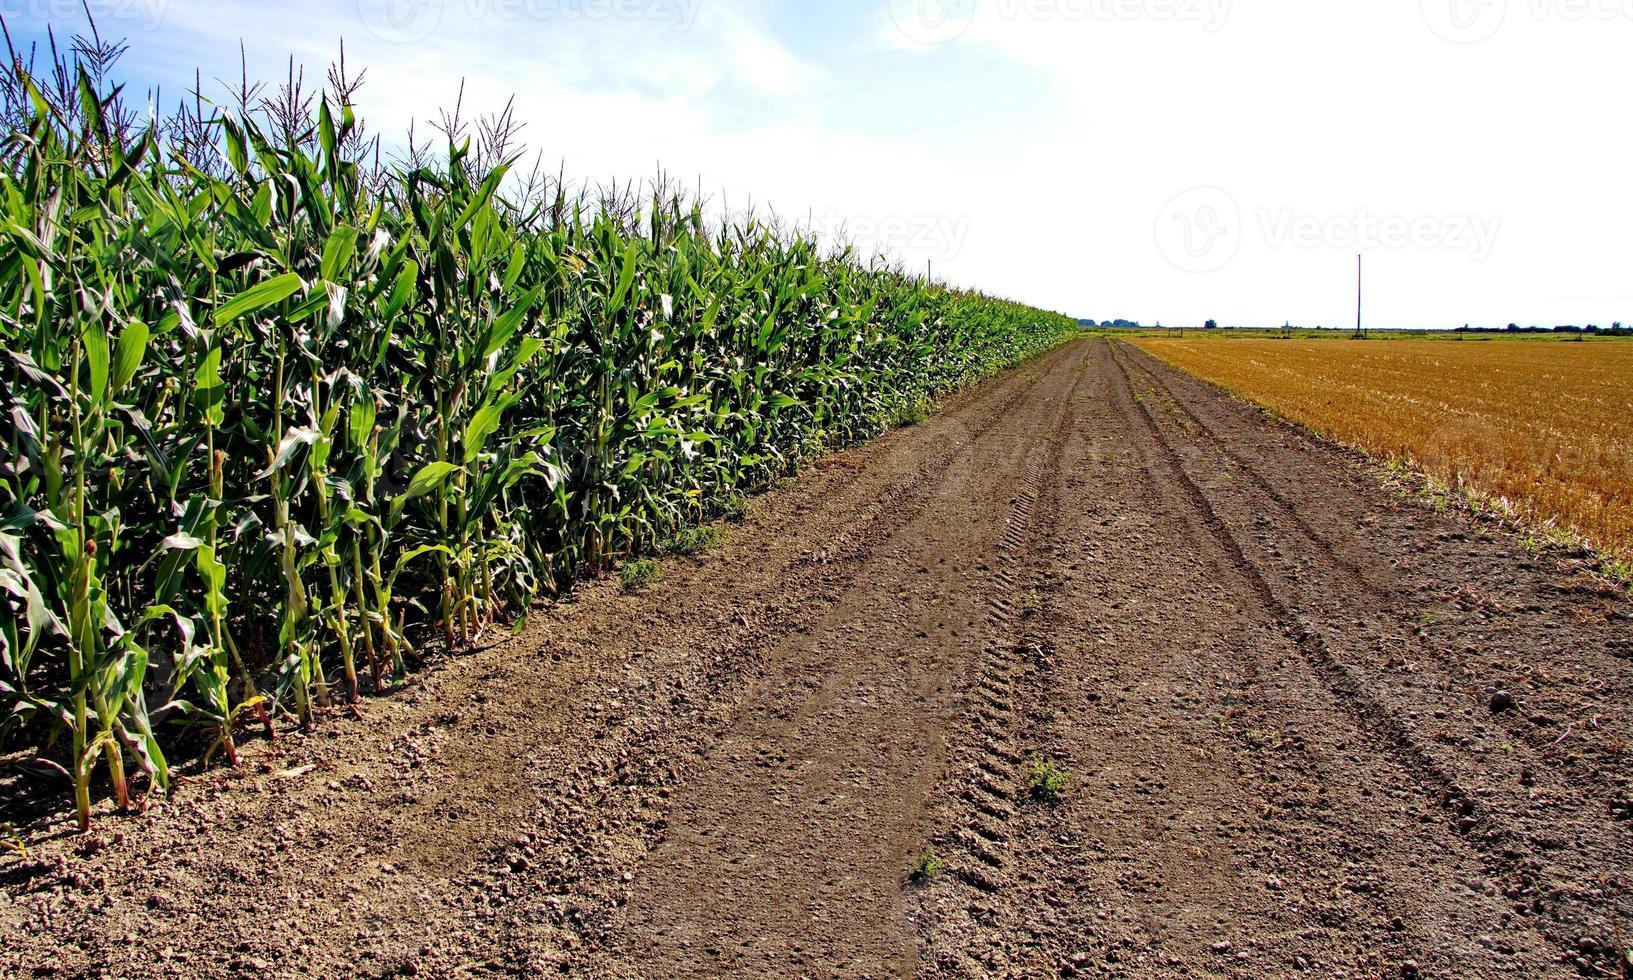 champ de maïs et le champ d'herbe coupée photo